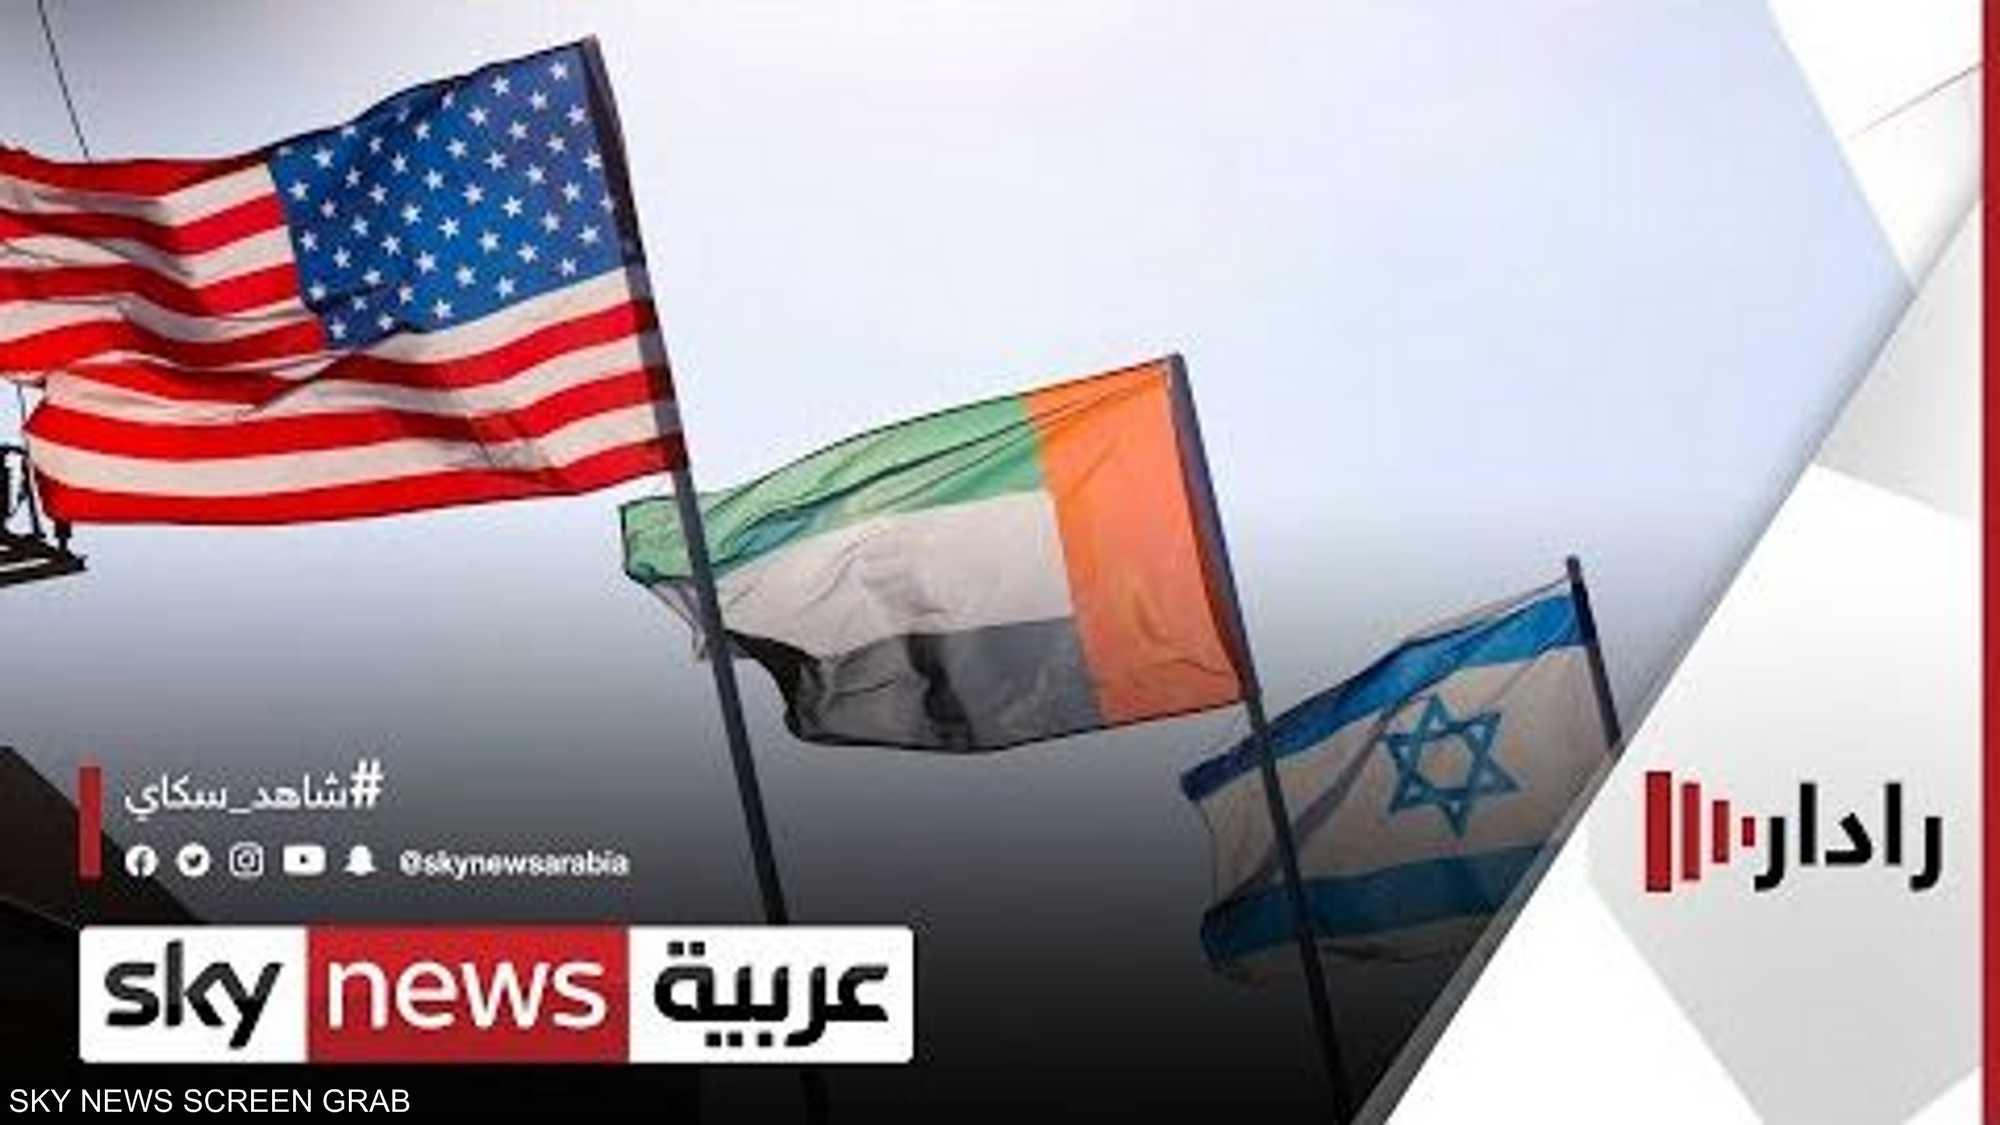 بعد تدشين علاقات البحرين وإسرائيل.. ما مجالات التعاون بينهما